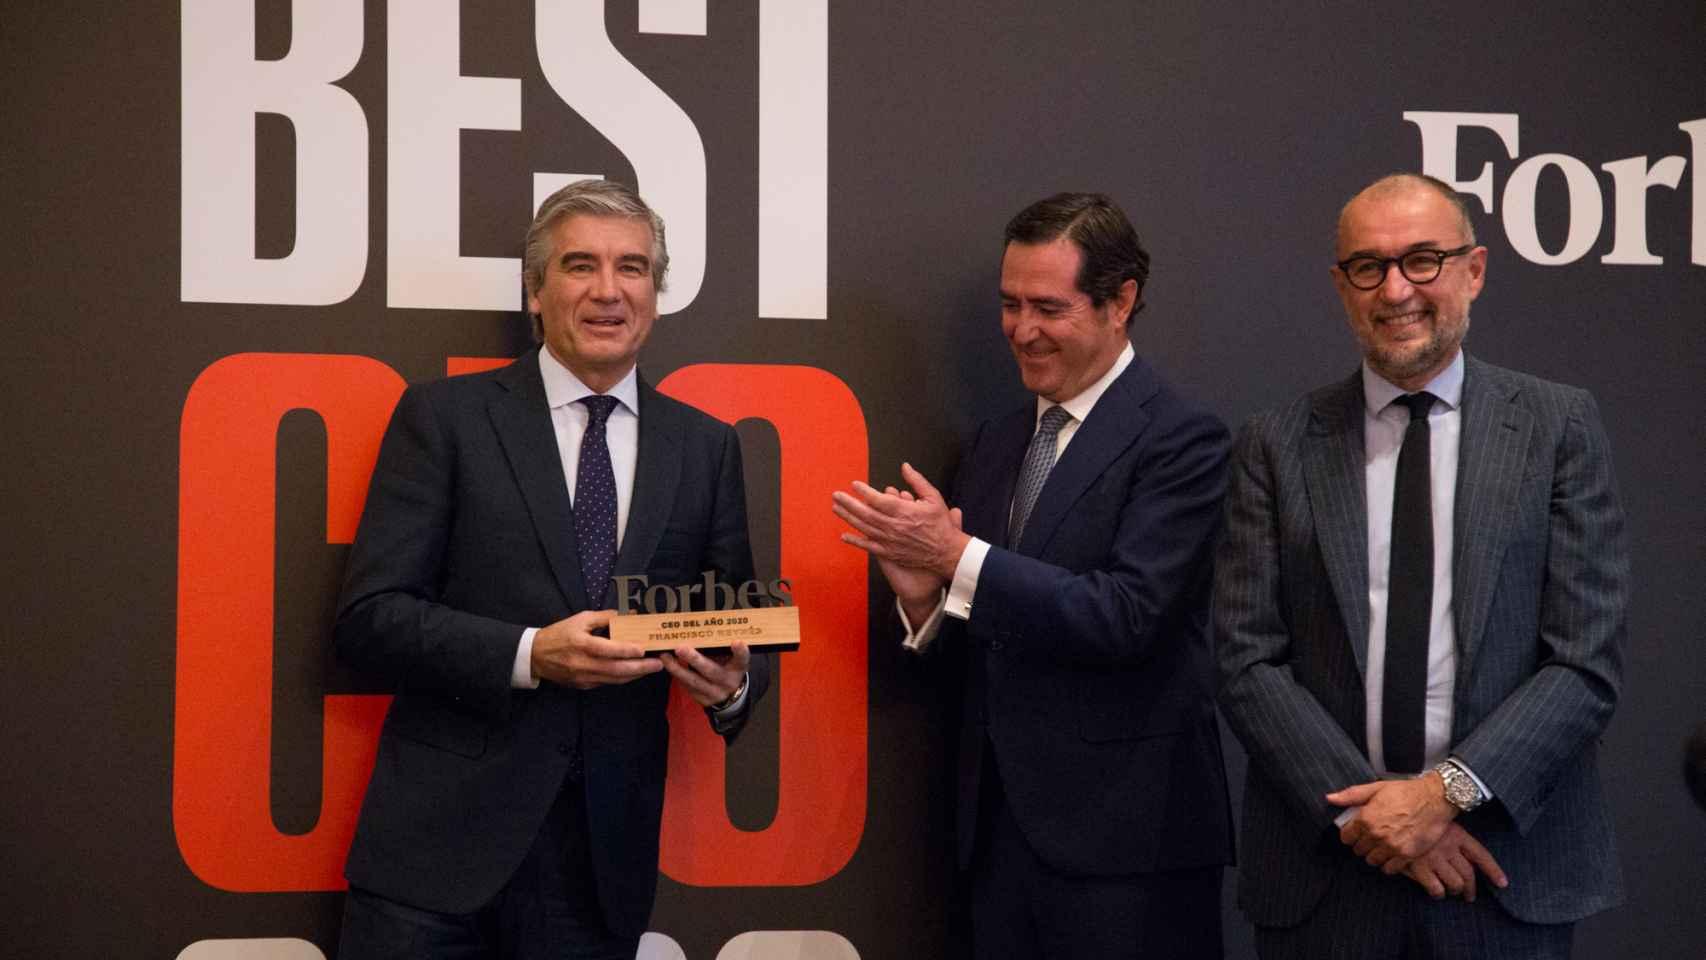 Francisco Reynés, presidente de Naturgy, en el momento en el que recoge el premio  Forbes el mejor CEO de 2021.